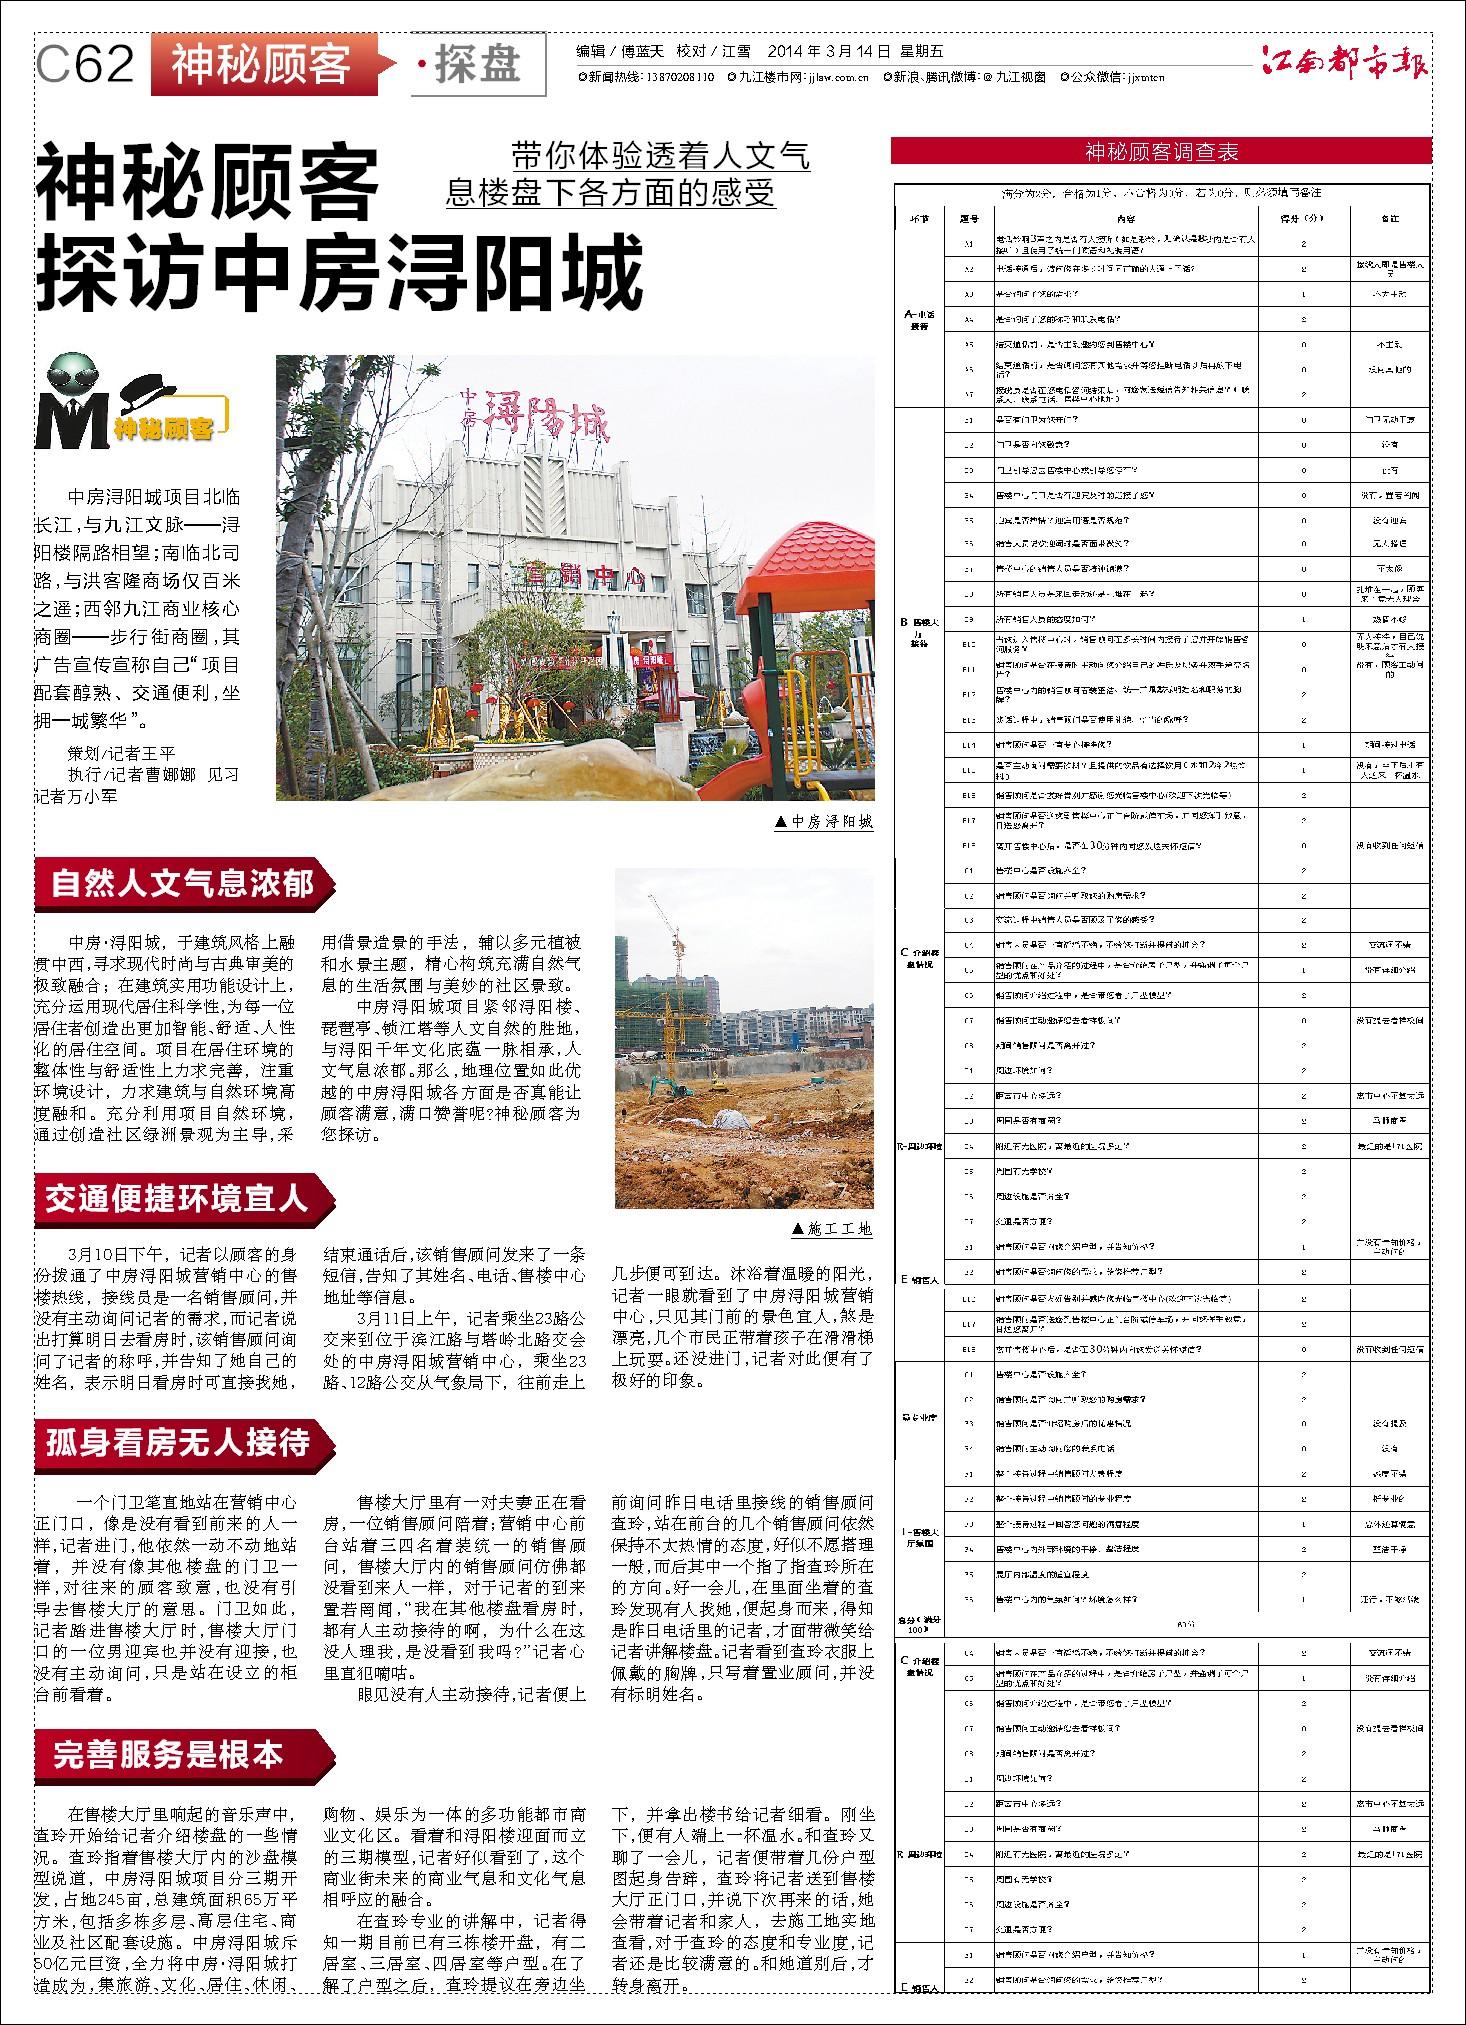 江南都市报3月14日《亚博体育app苹果楼市版》八版